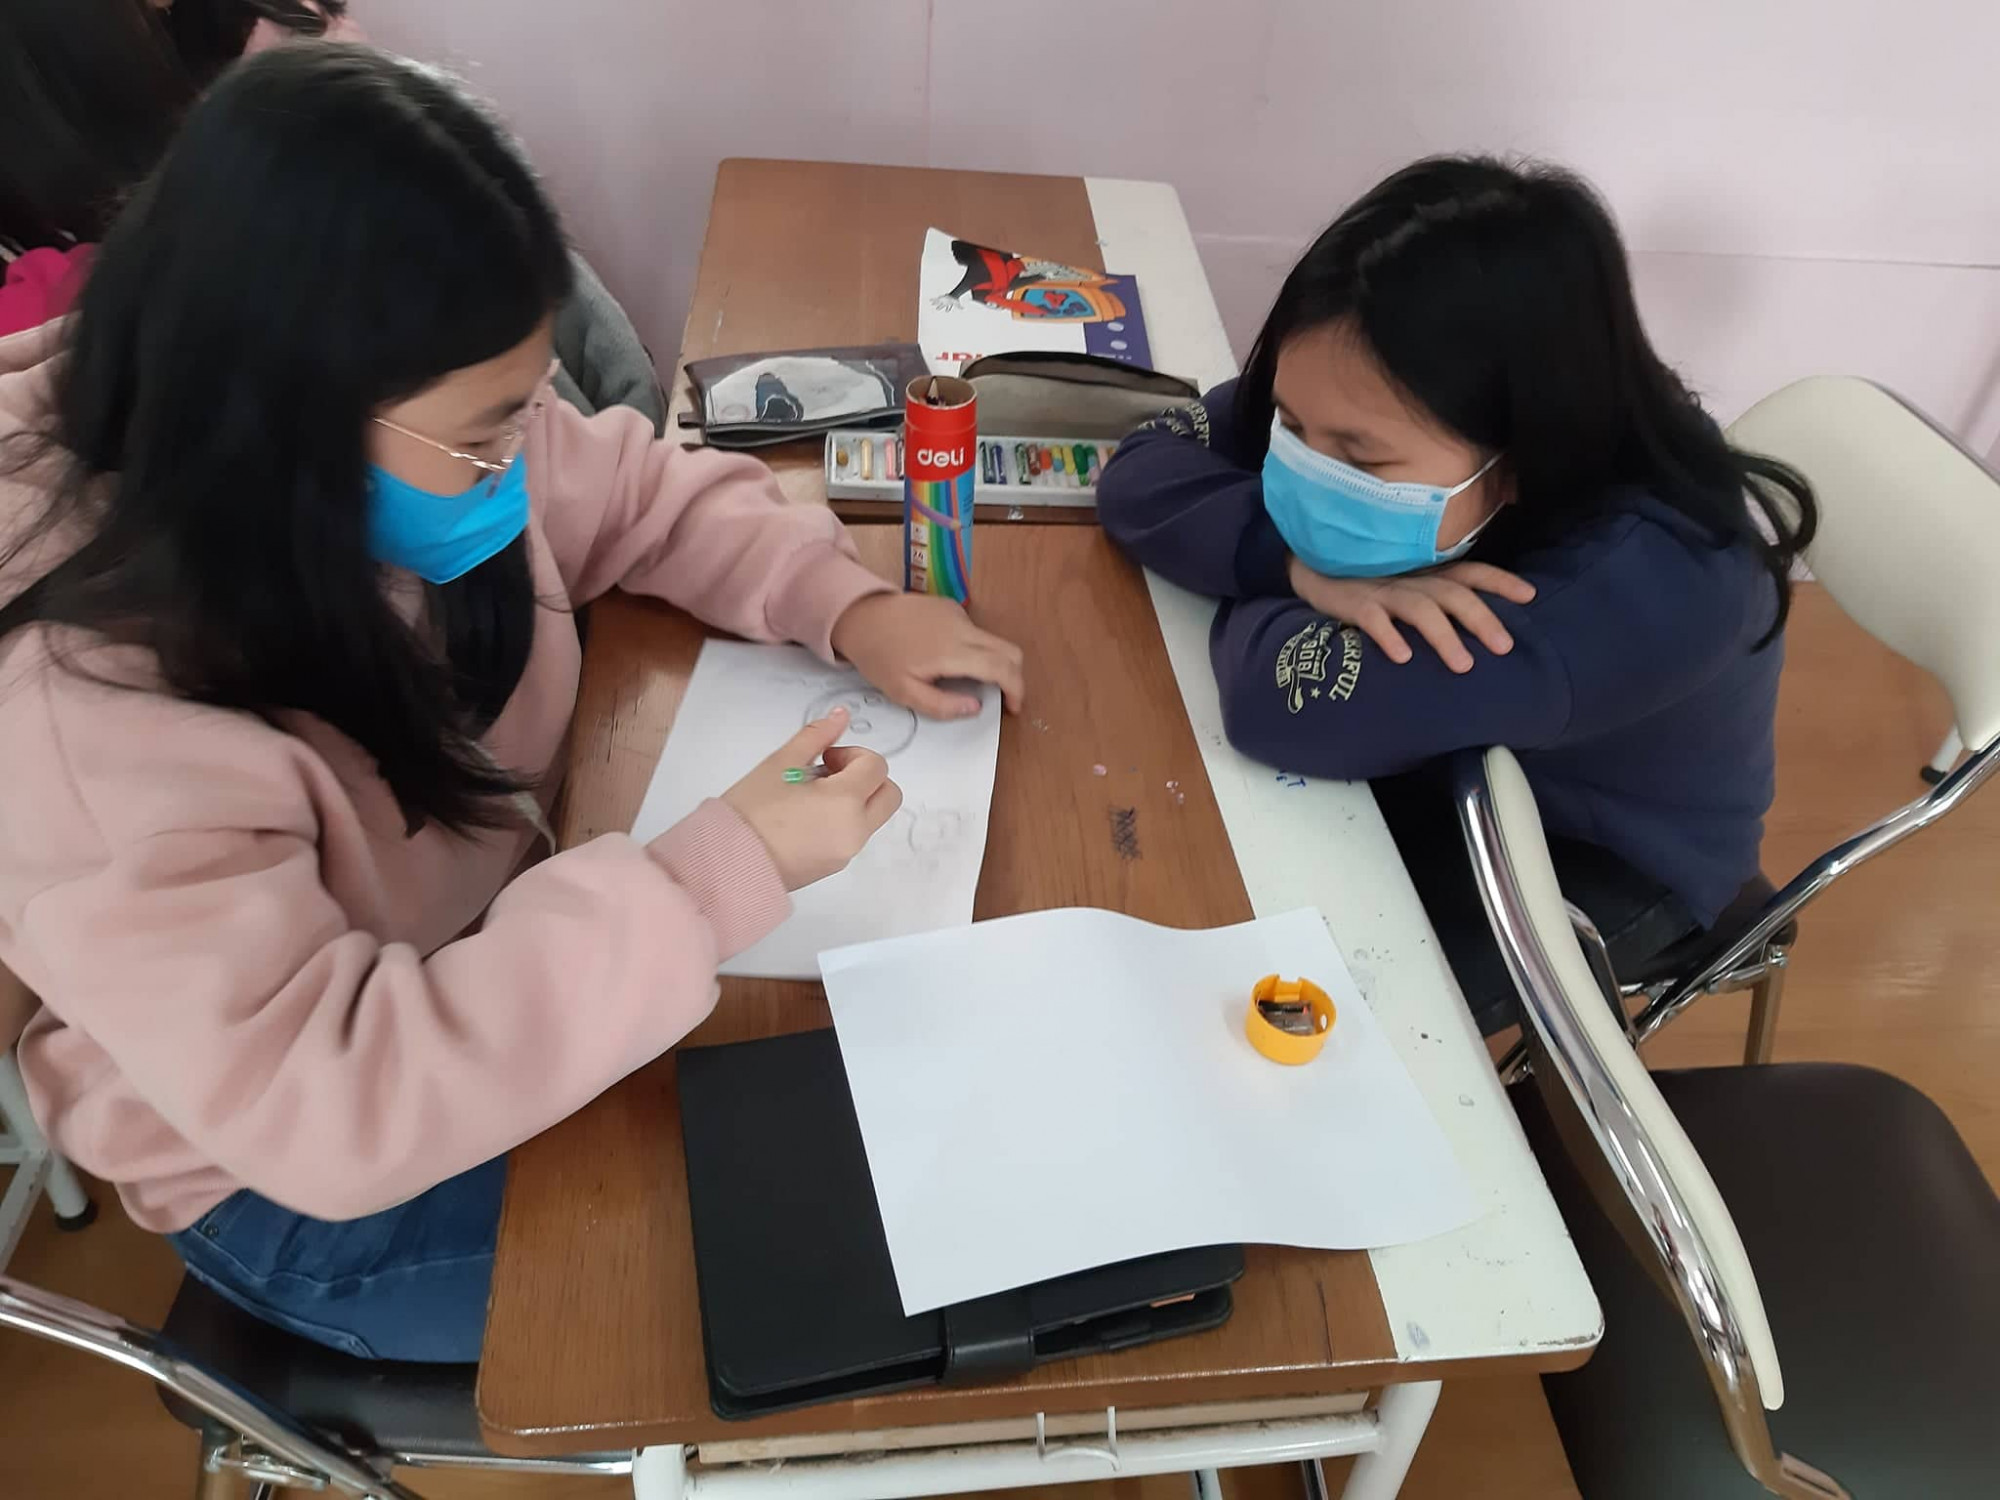 Học sinh tự học ở nhà kéo dài gây bối rối cho phụ huynh. Ảnh minh họa